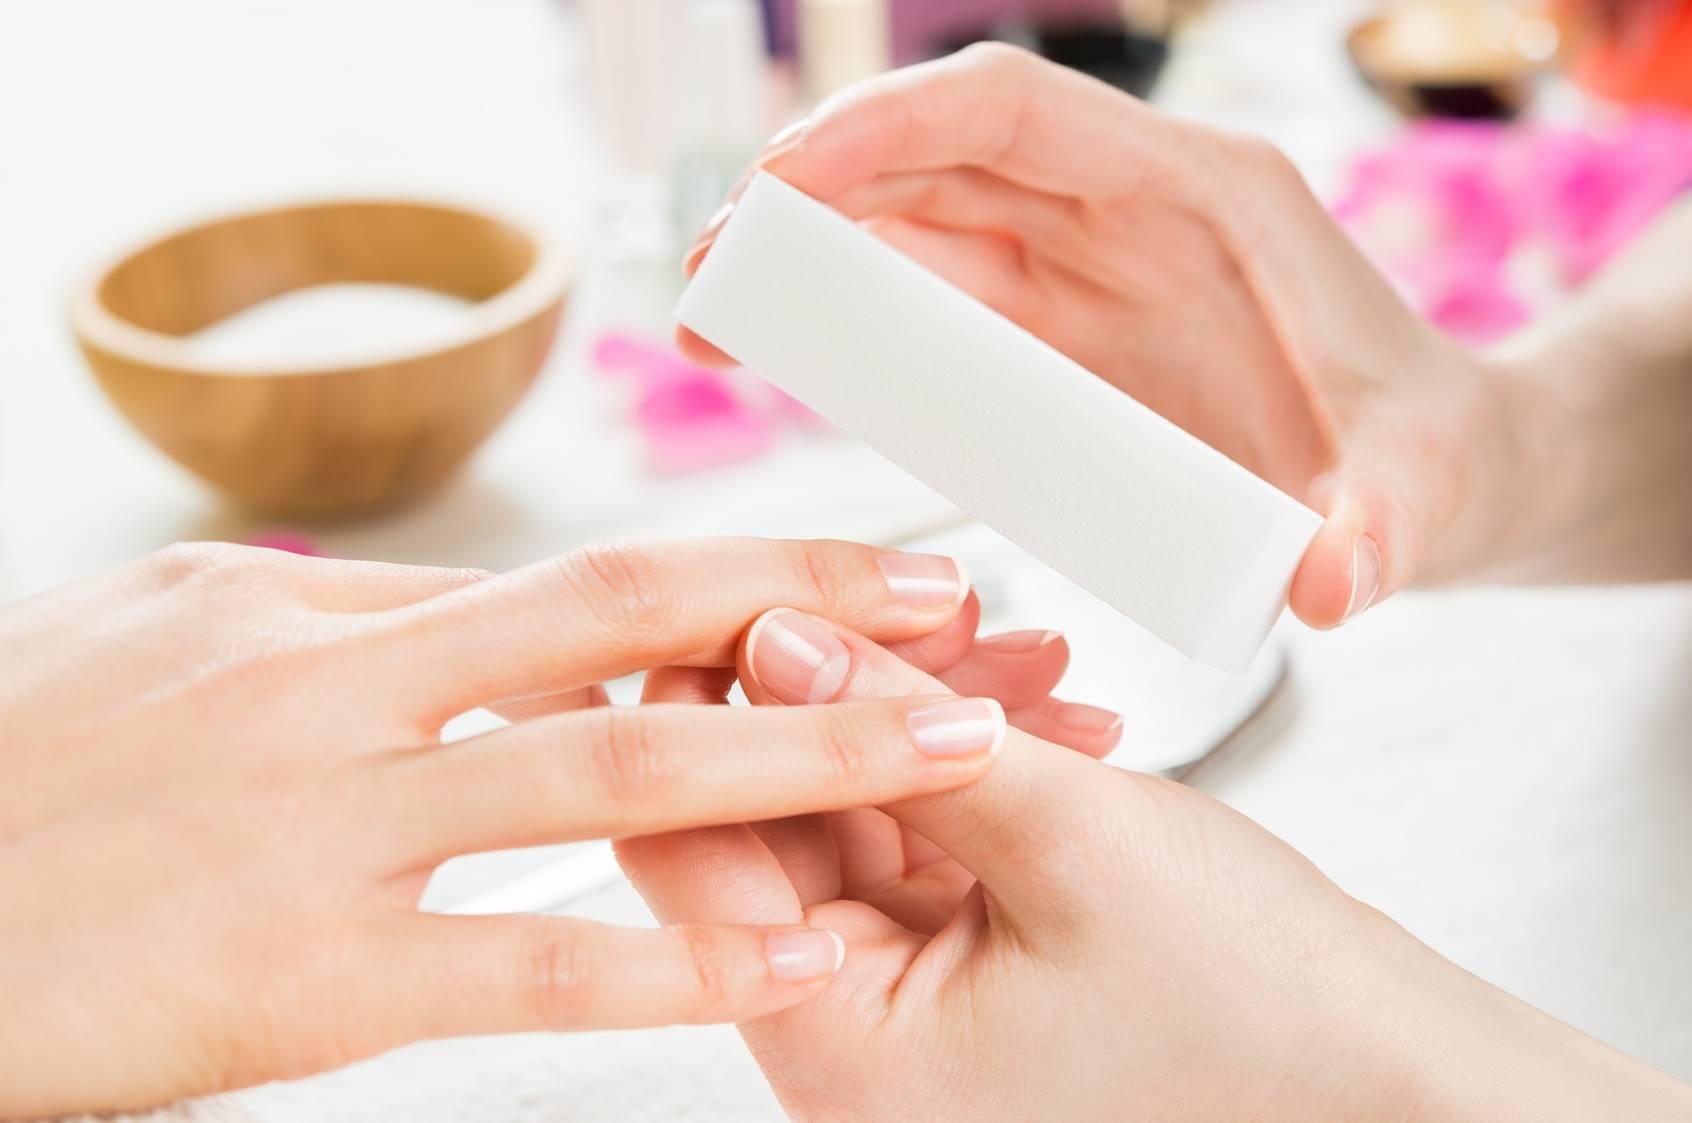 Manicure - o czym świadczy wygląd paznokci?